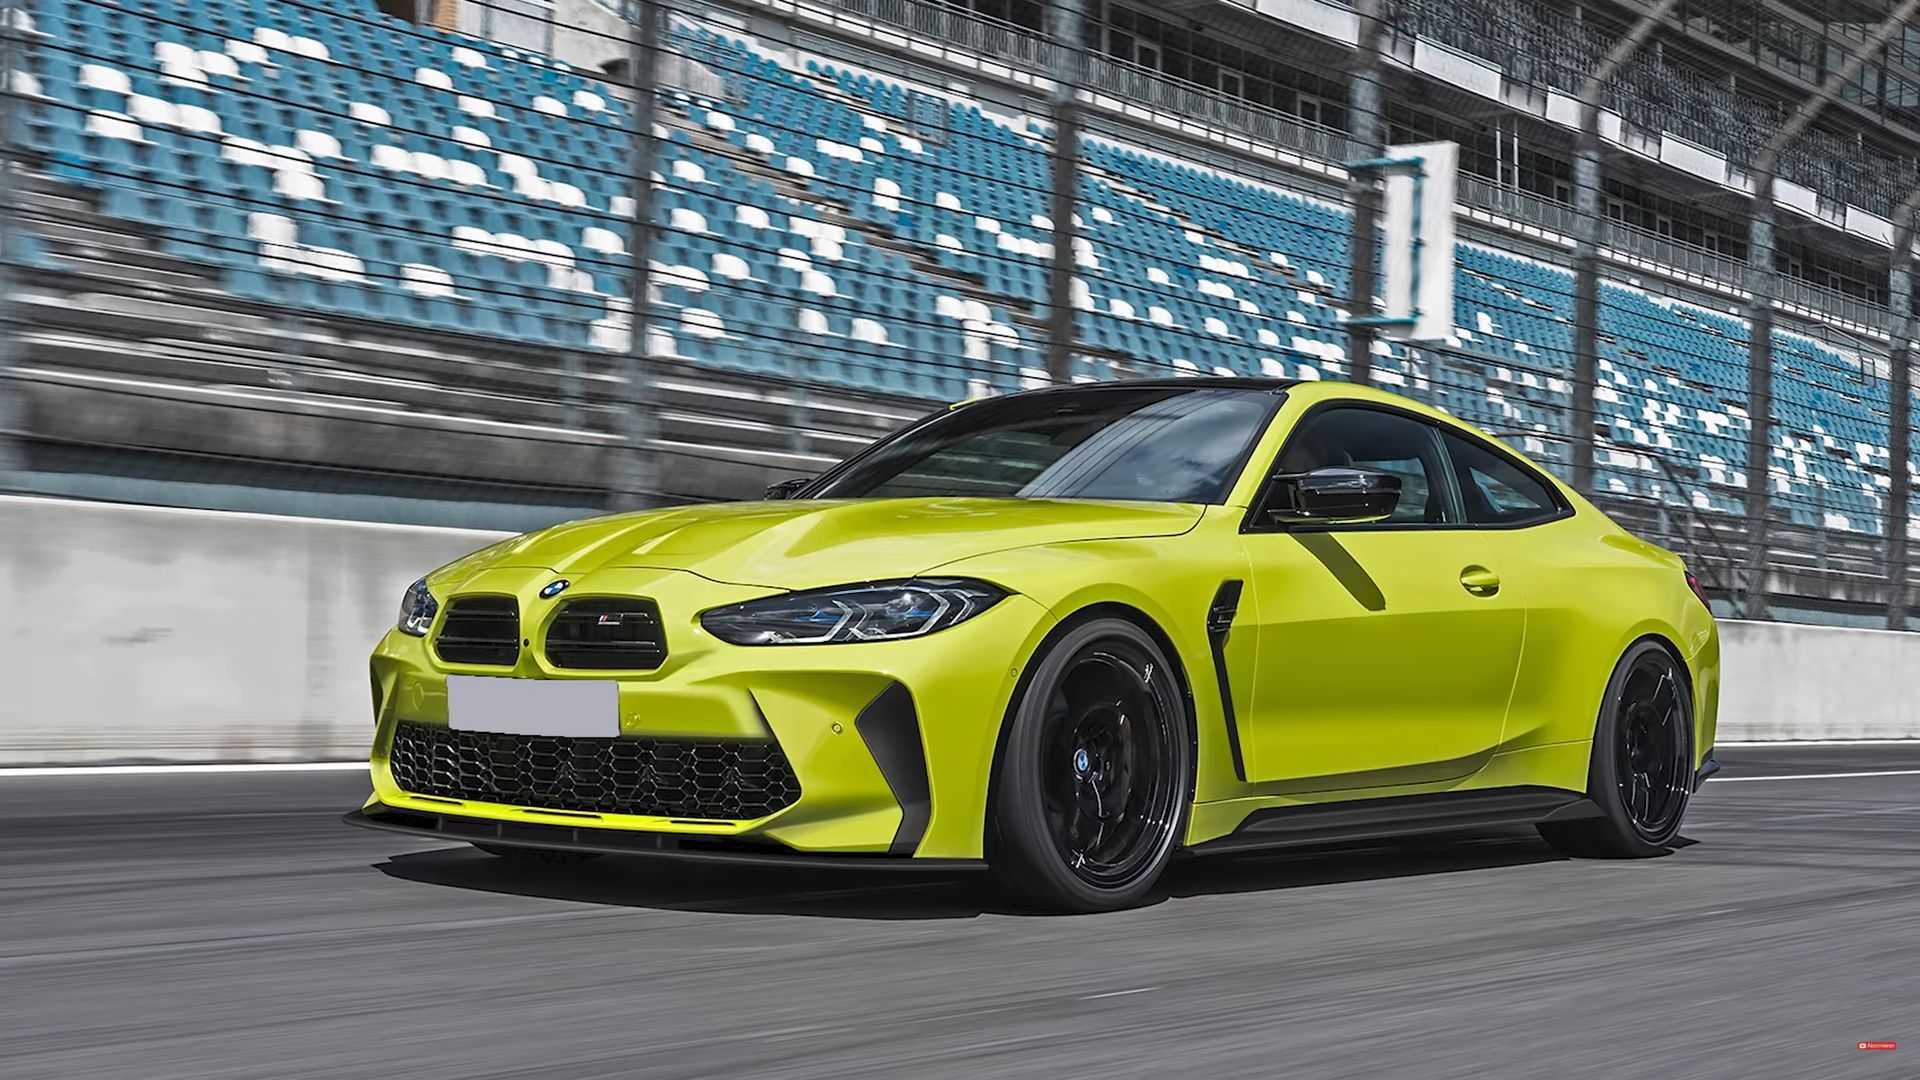 BMW-M4-Aftermarket-Redesign-6